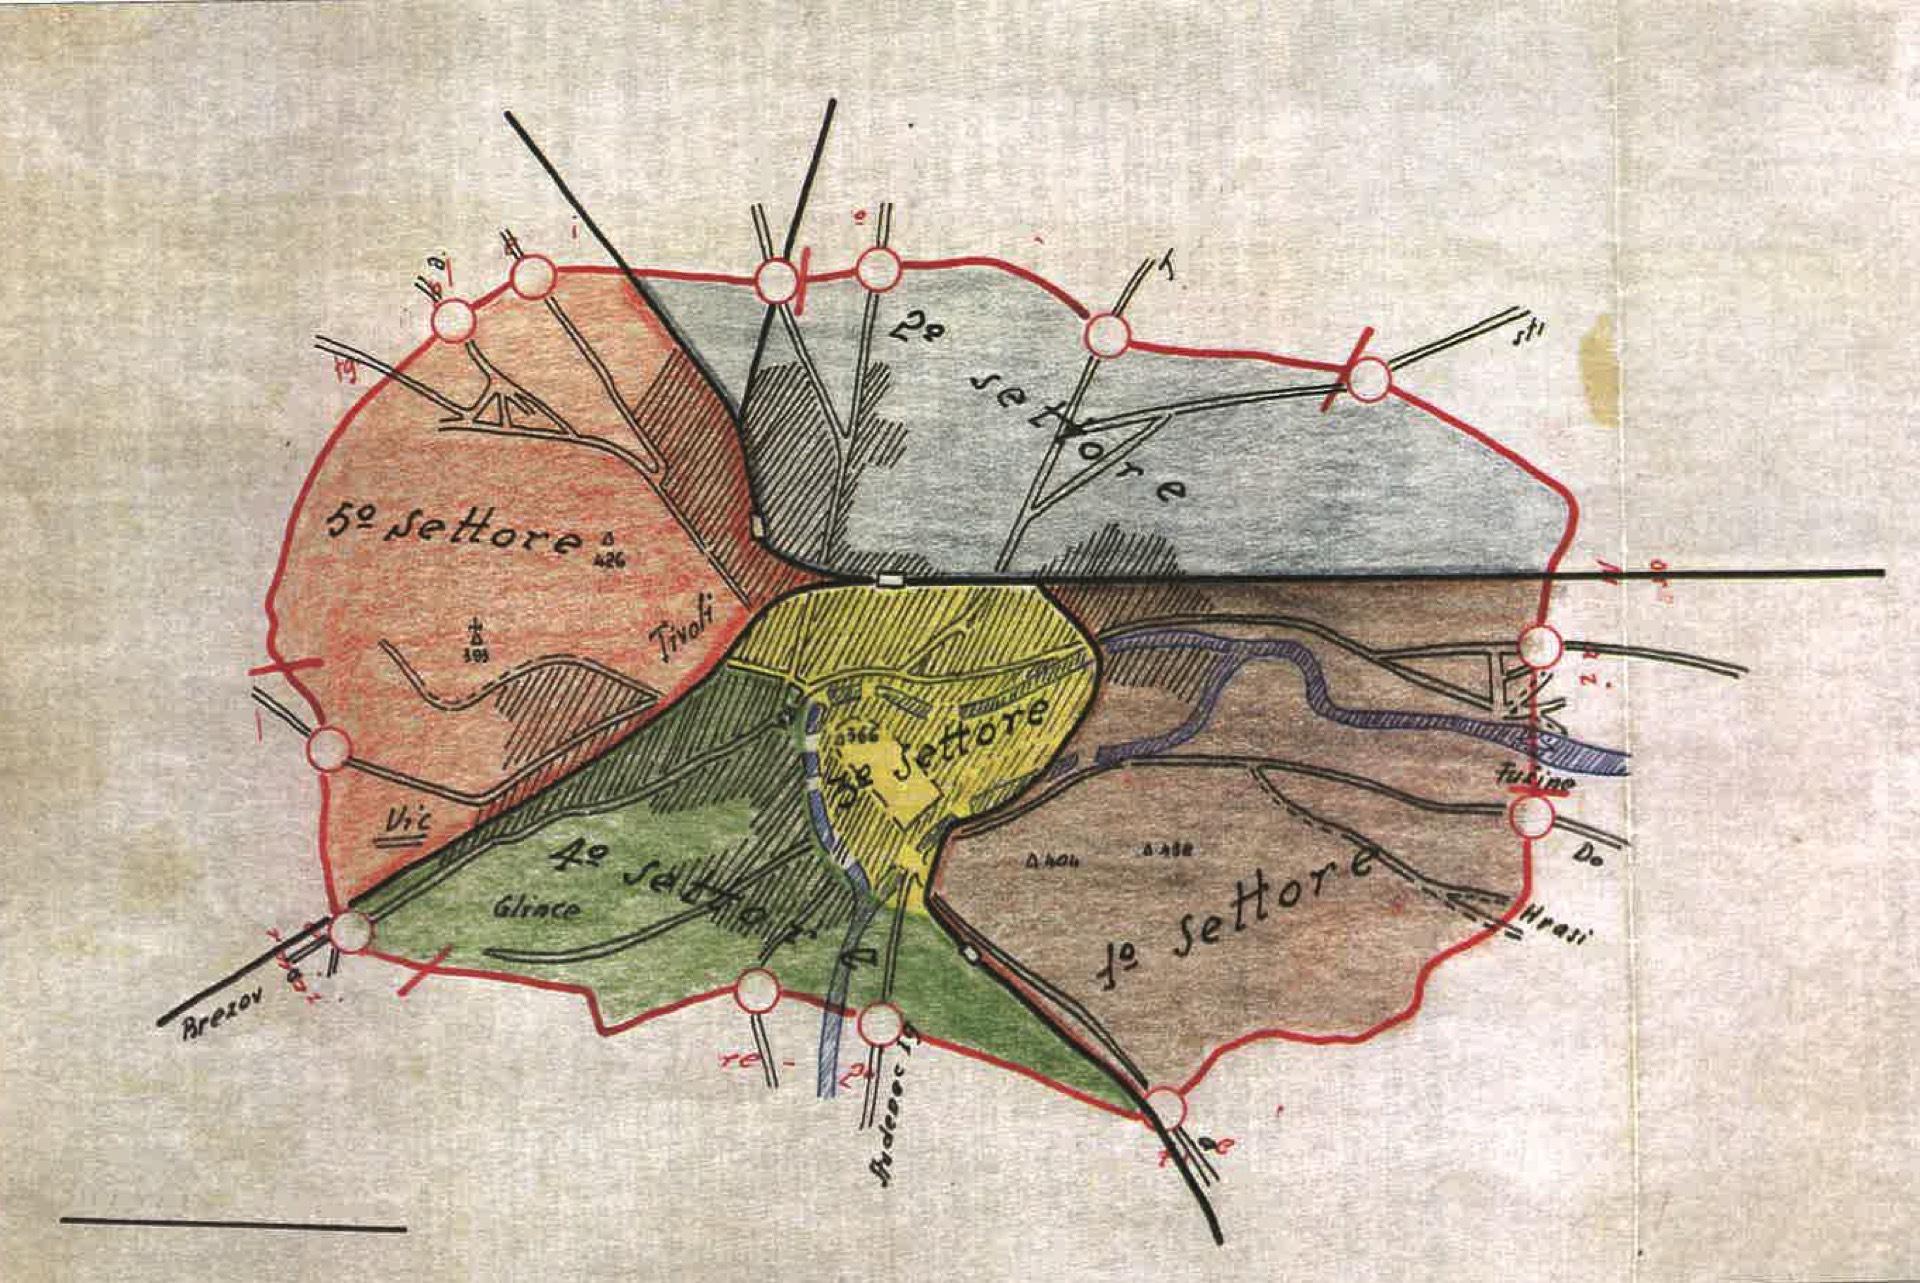 I cinque settori per il rastrellamento di Lubiana nell'estate 1941